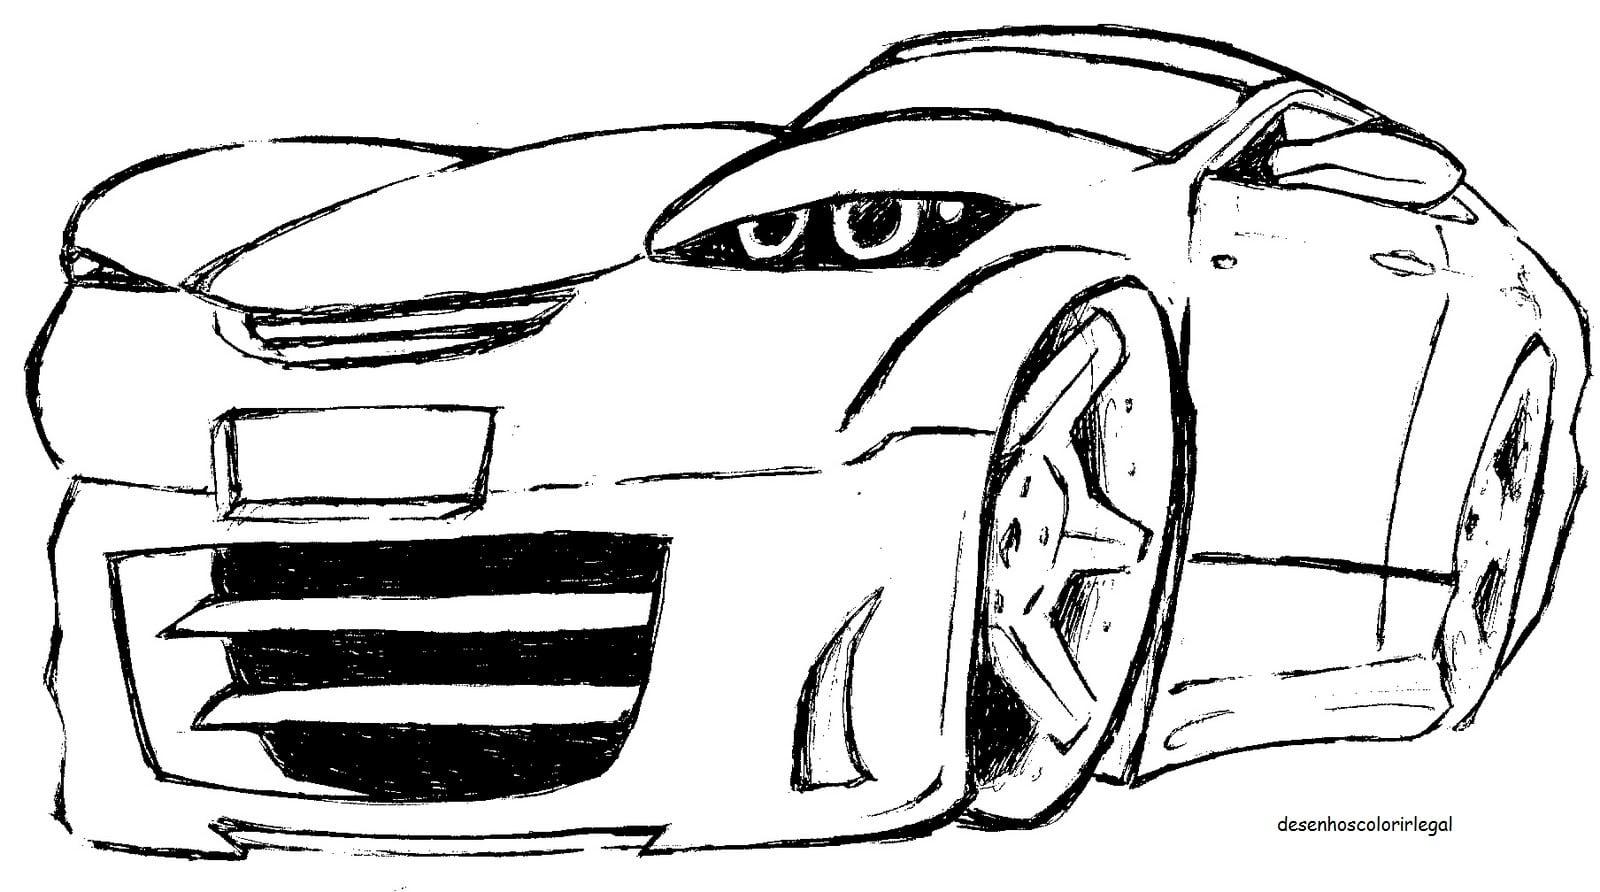 Desenhos Colorir Legal  Desenho De Carro Tunado E Rebaixado Para